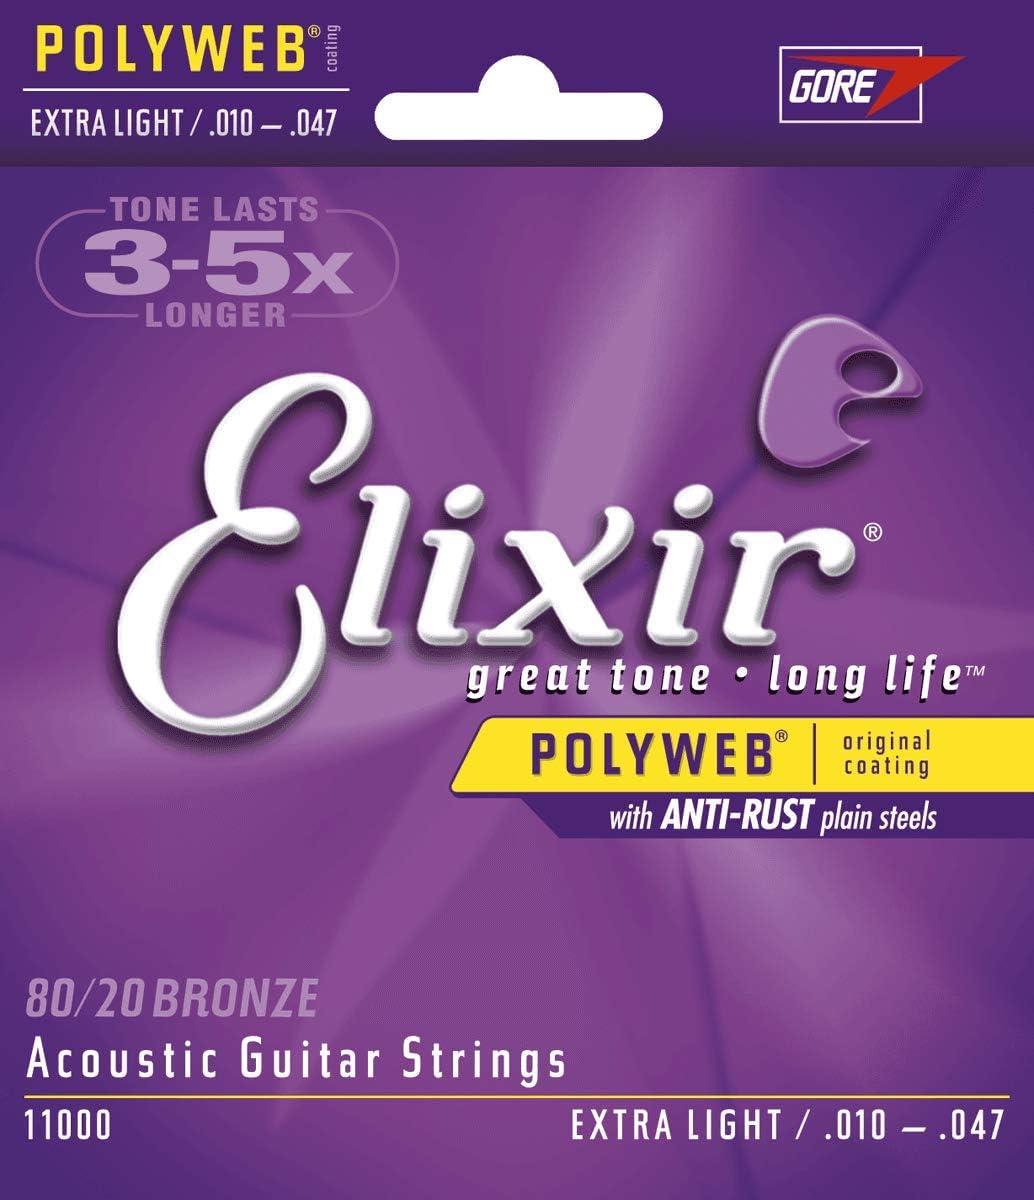 Cuerdas de guitarra acústica Elixir Strings de bronce en proporción 80/20 con recubrimiento POLYWEB, calibre extraligero (.010-.047)